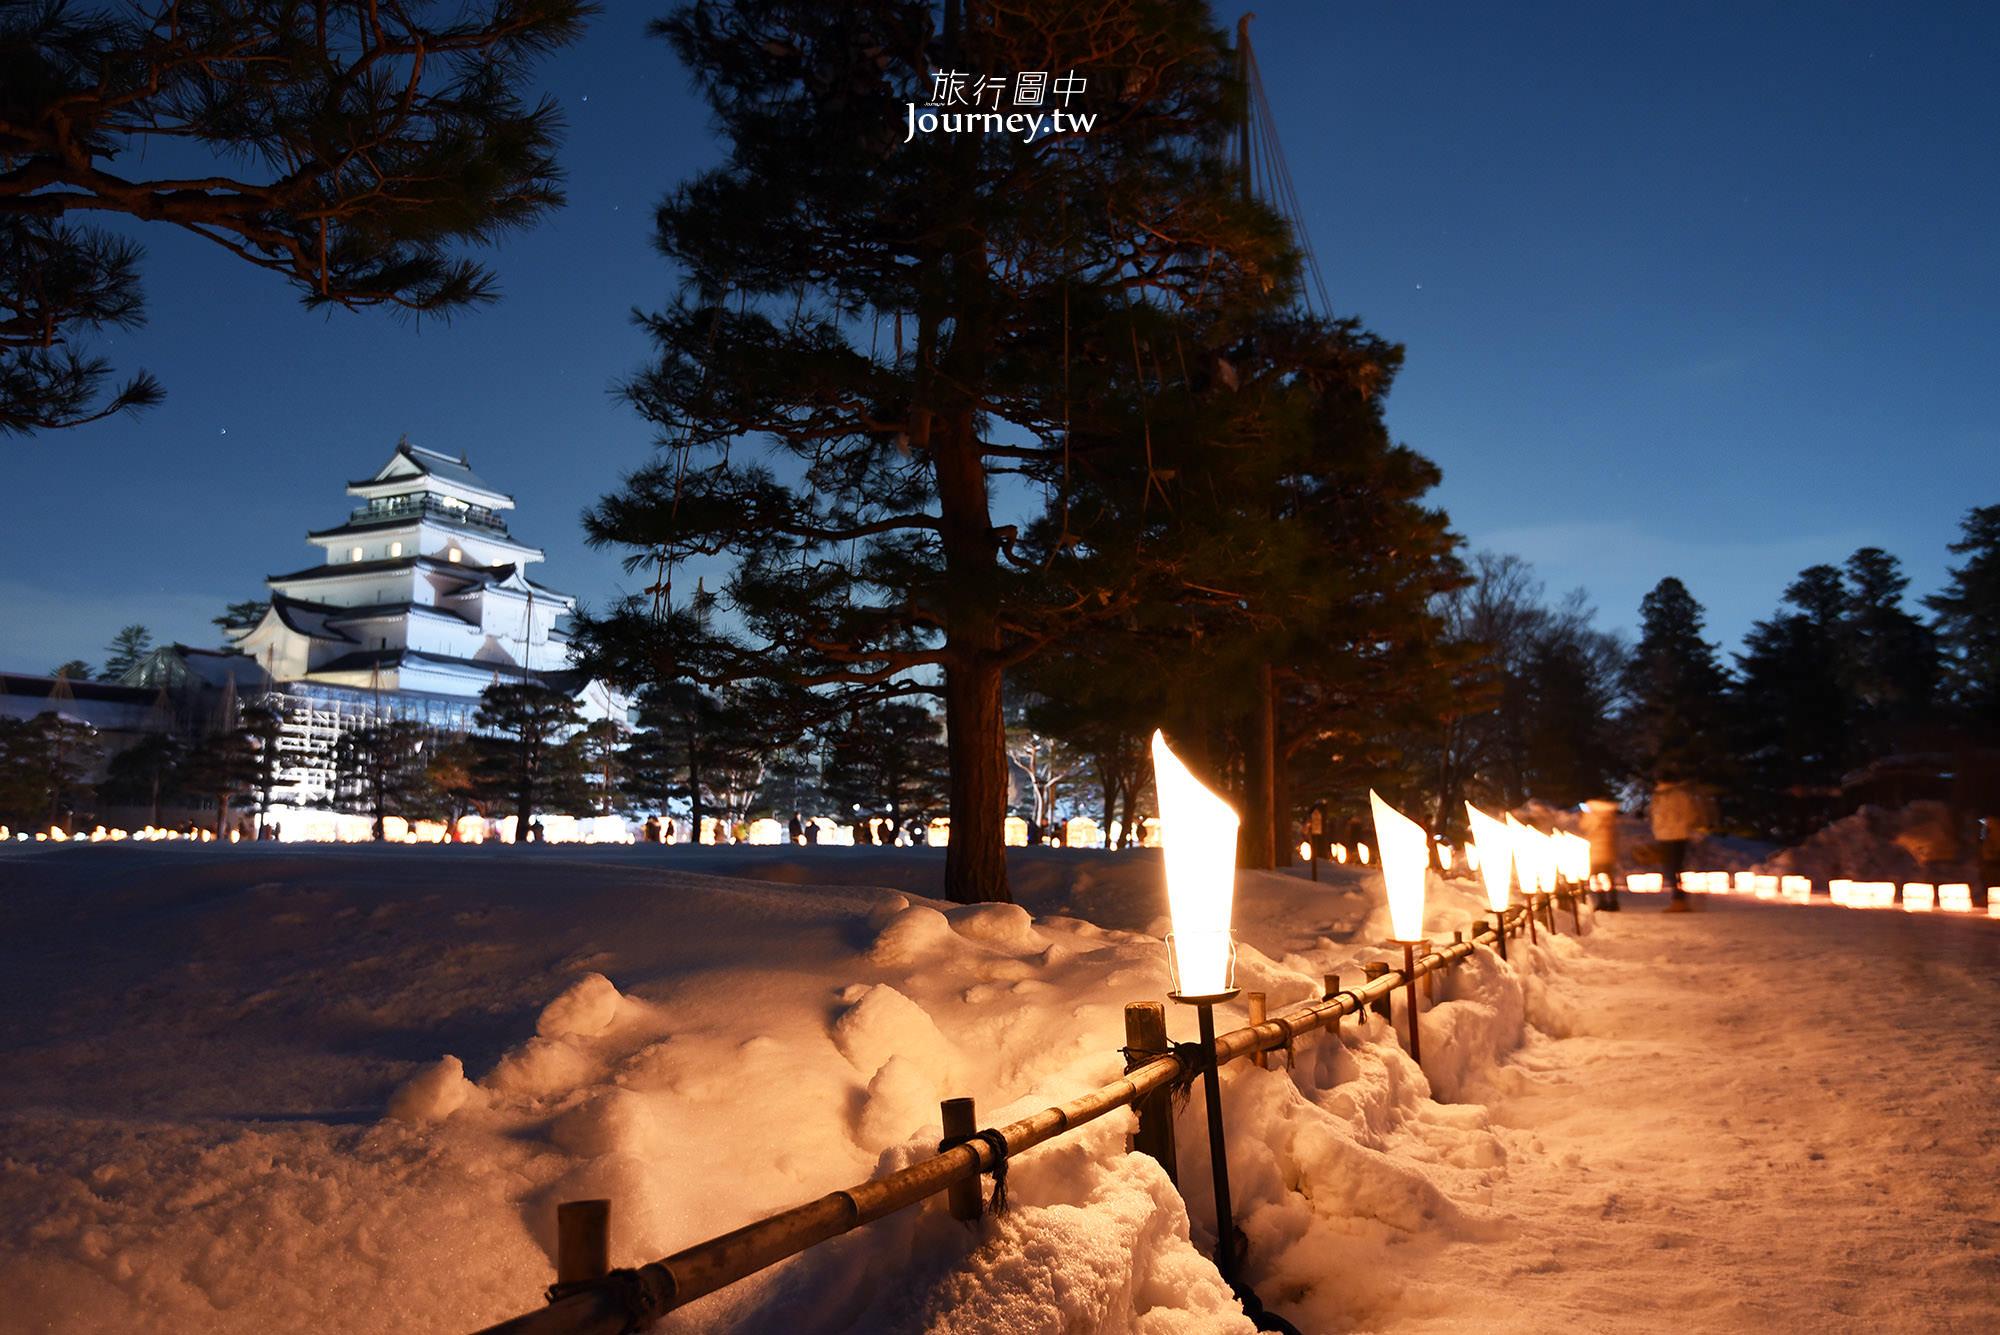 日本,福島,會津繪蠟燭節,鶴ヶ城,会津絵ろうそくまつり